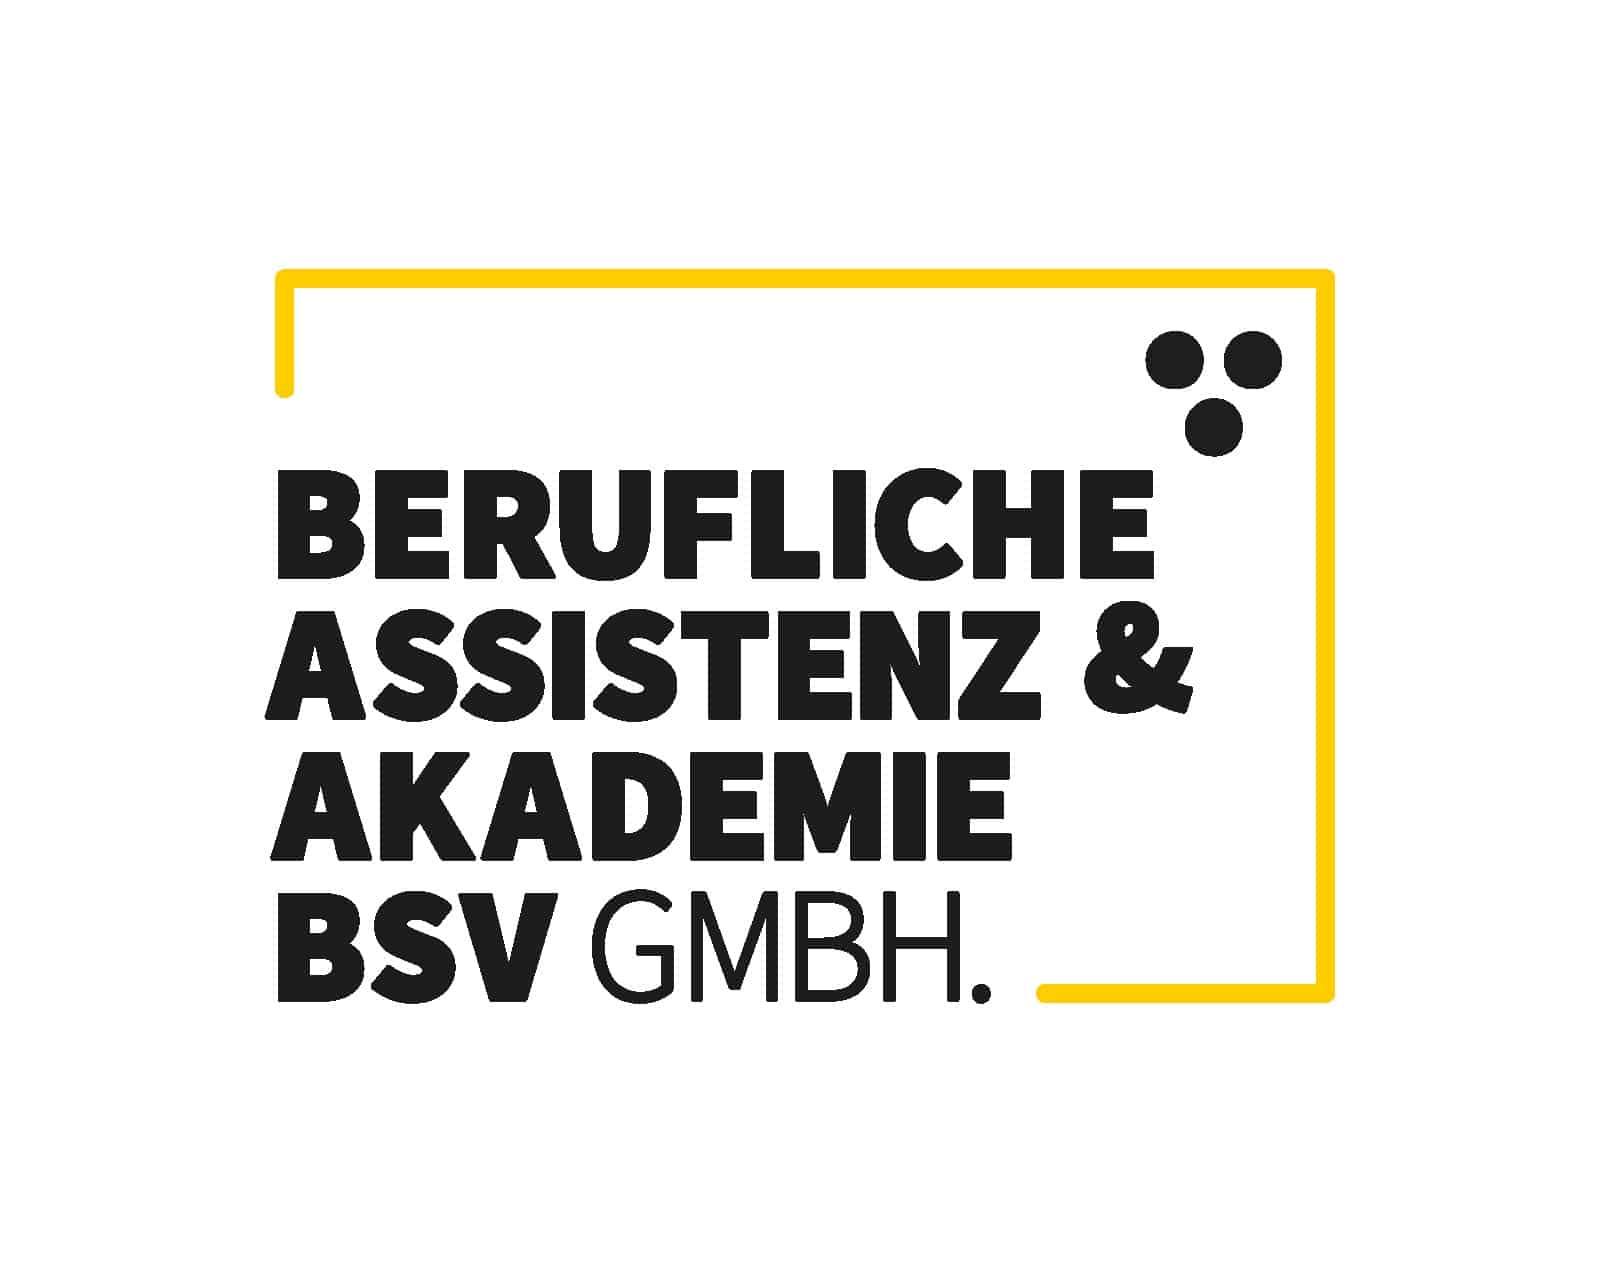 Berufliche Assistenz & Akademie BSV GMBH.